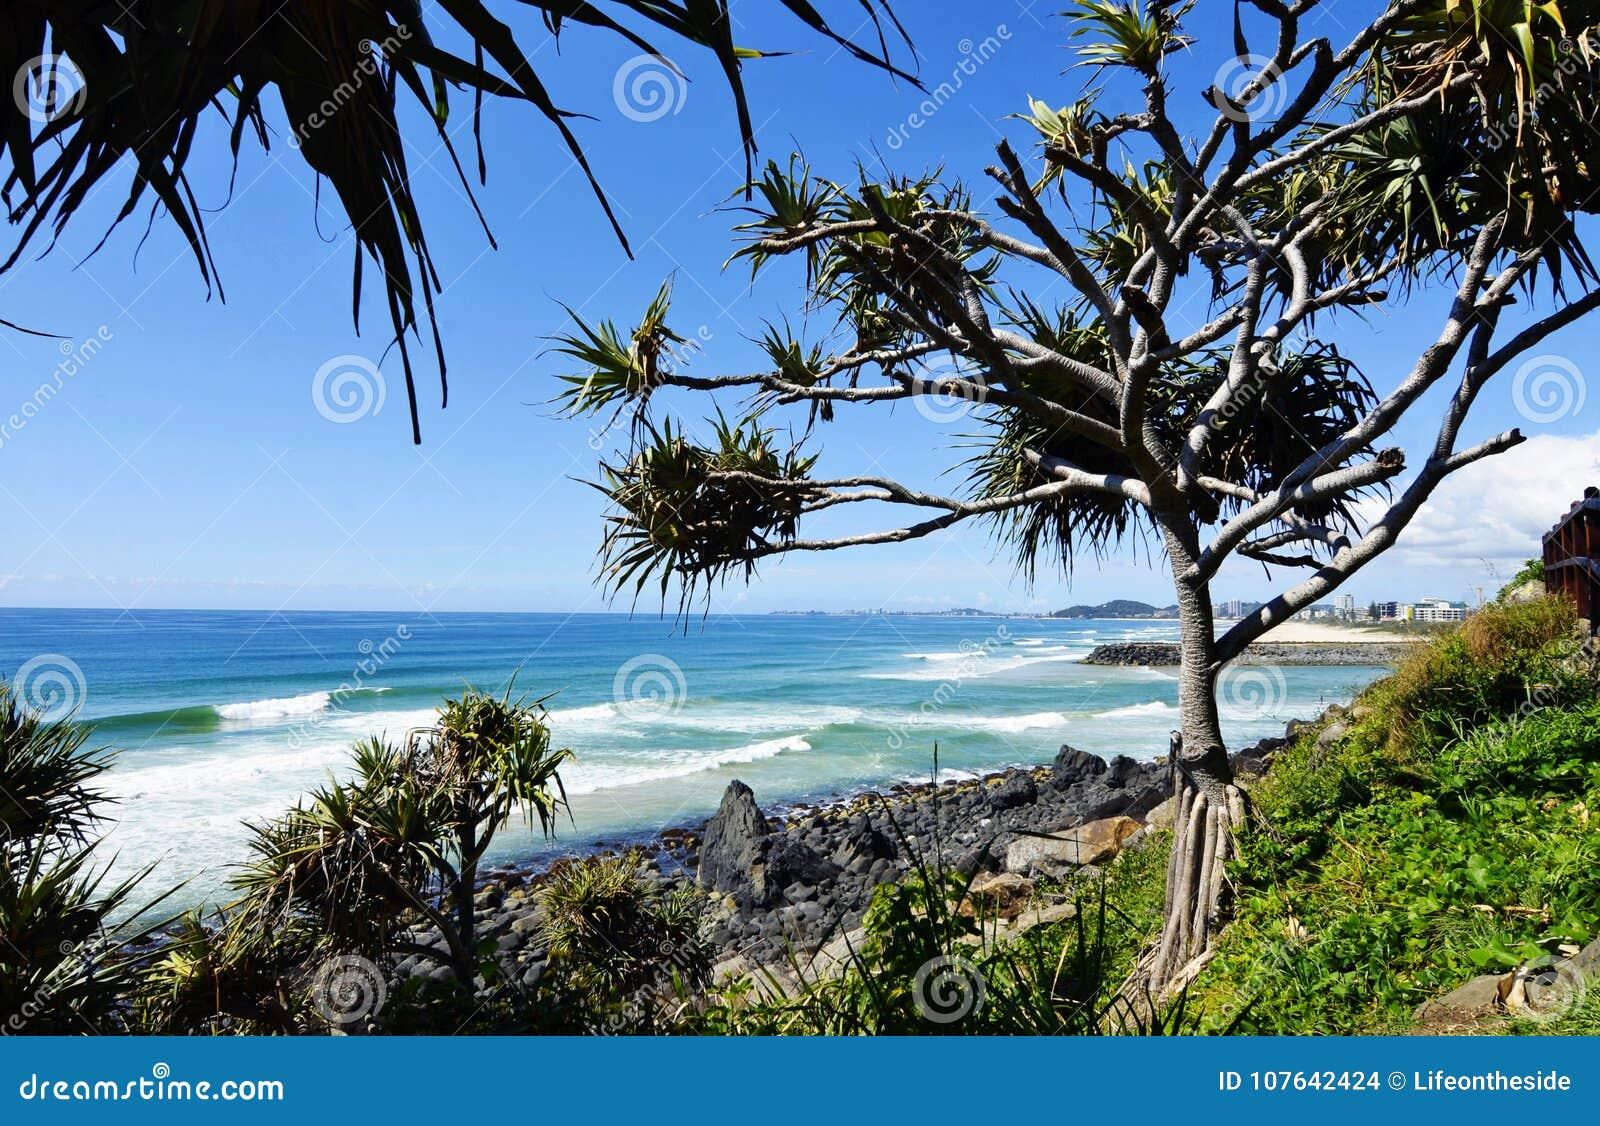 Сногсшибательный океан береговой линии, волны, прибой, пальмы, предпосылка пляжа